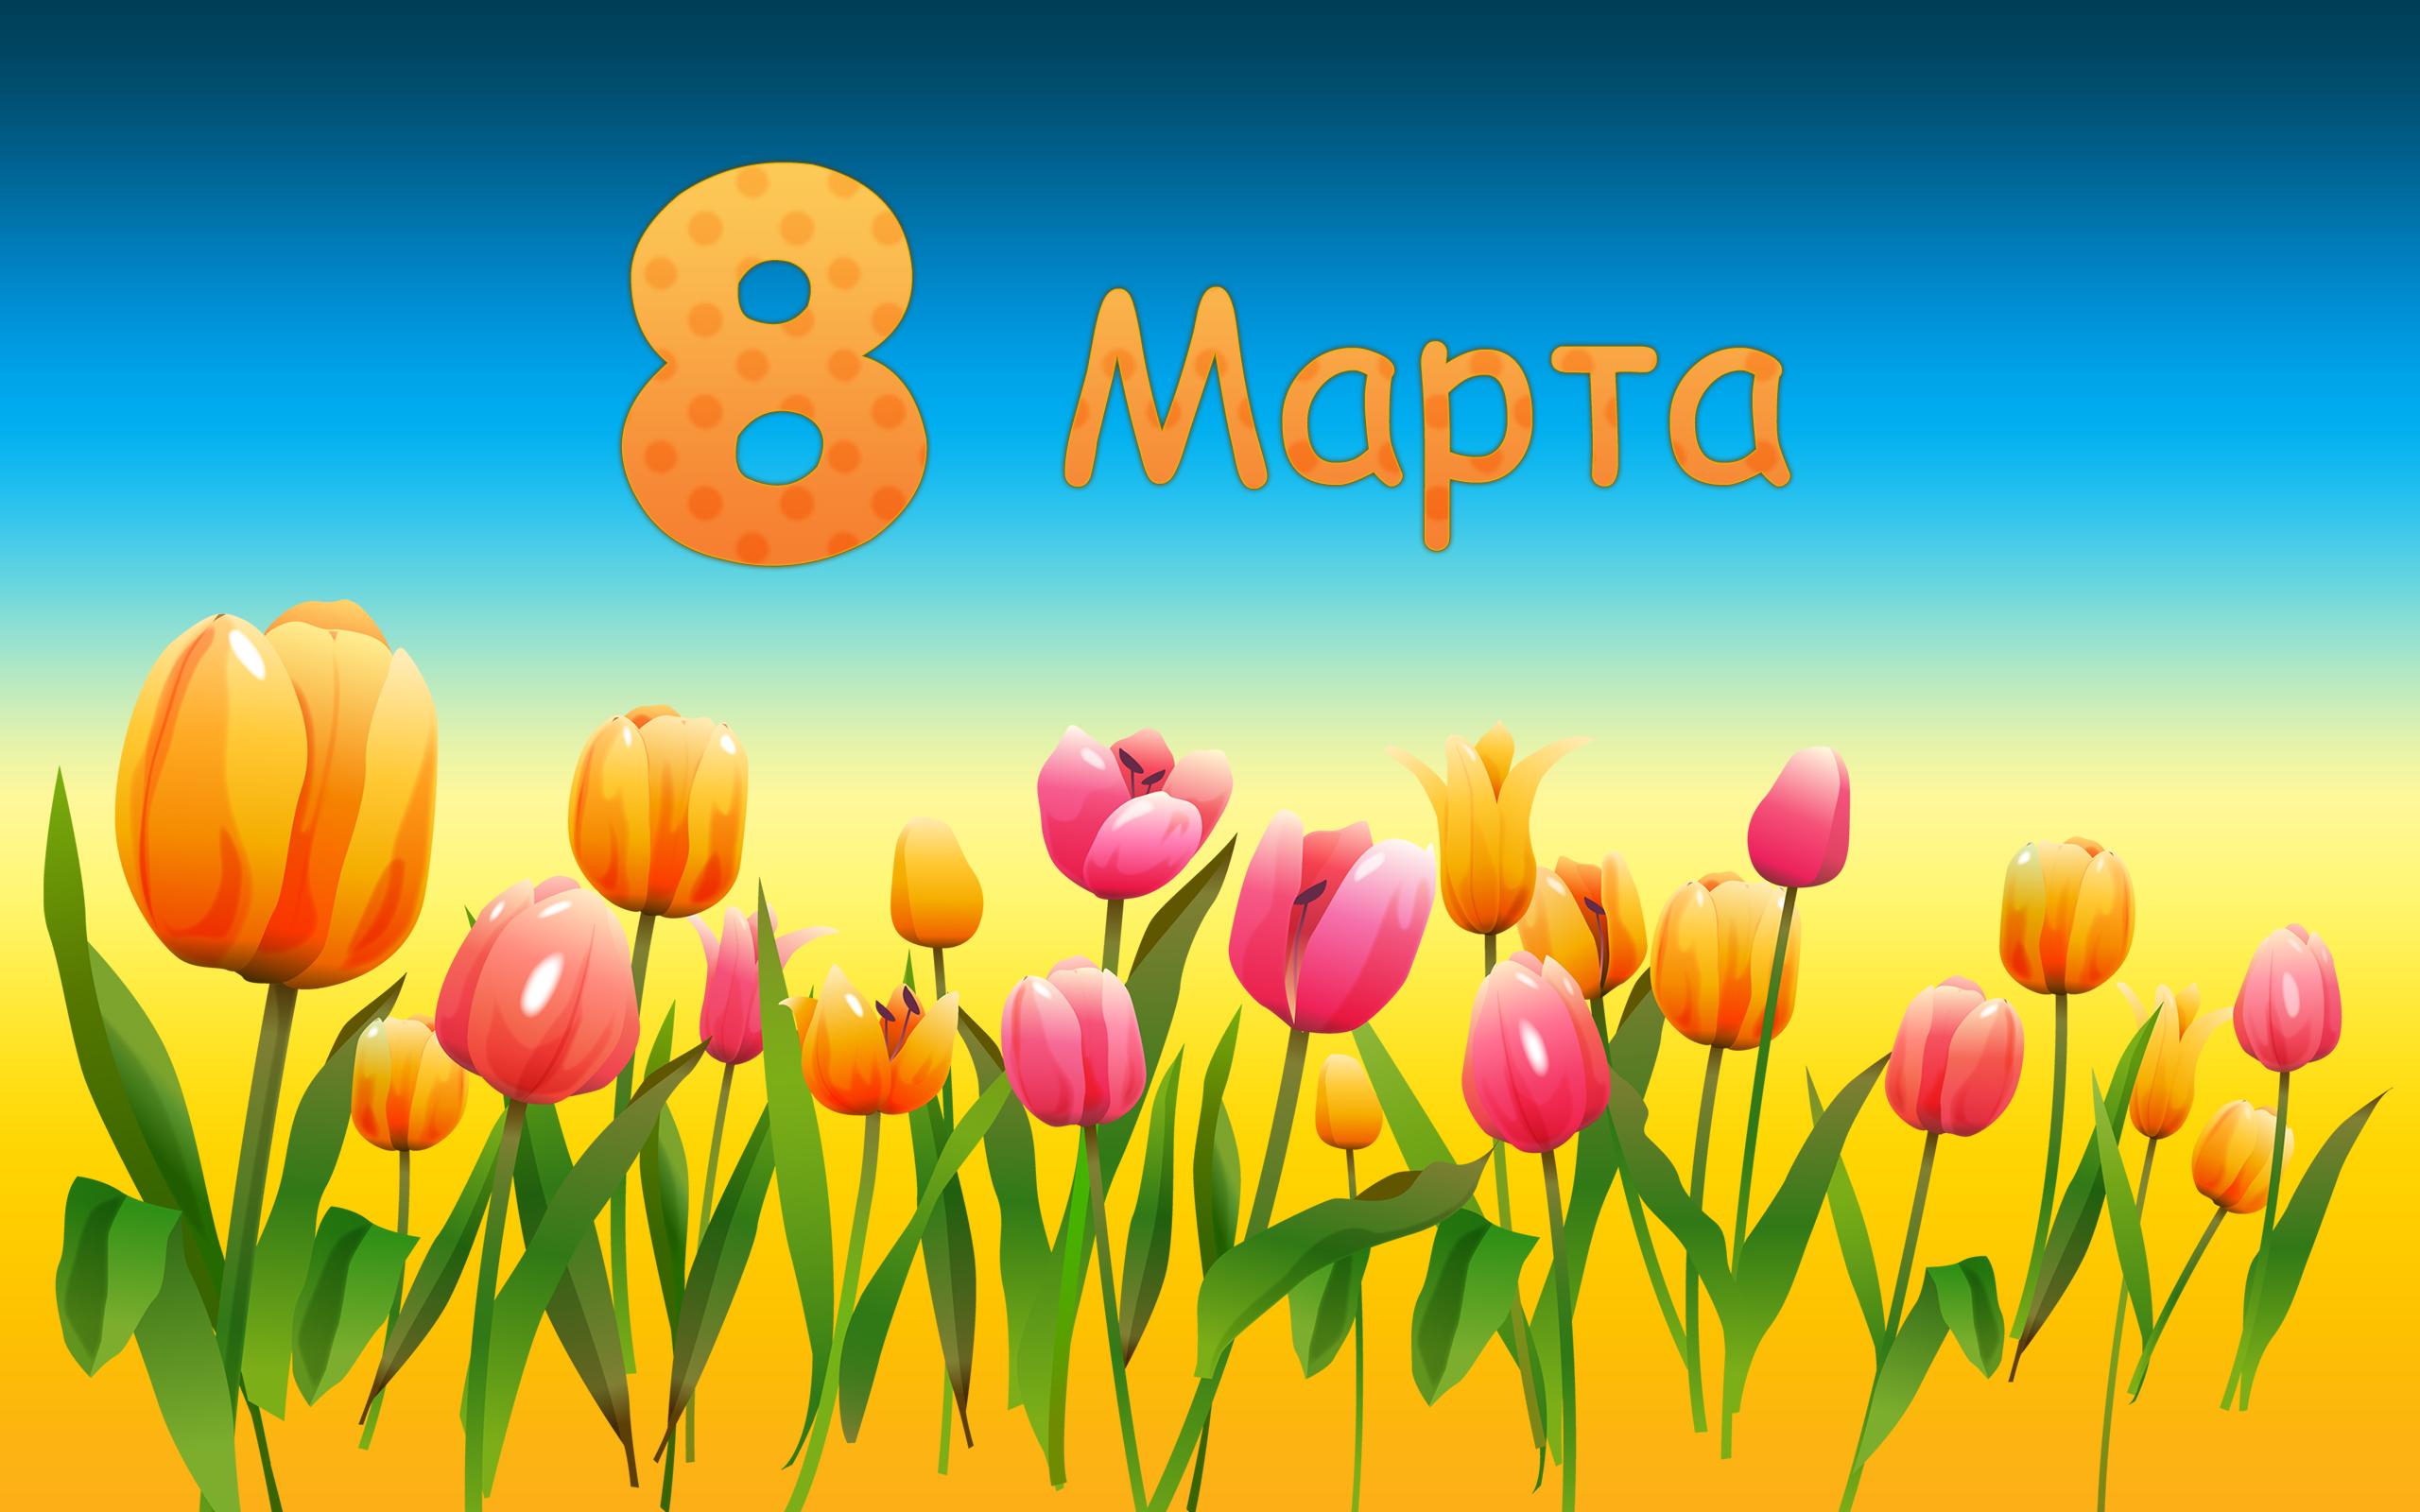 Купить цветы в Москве с доставкой на дом Интернет магазин